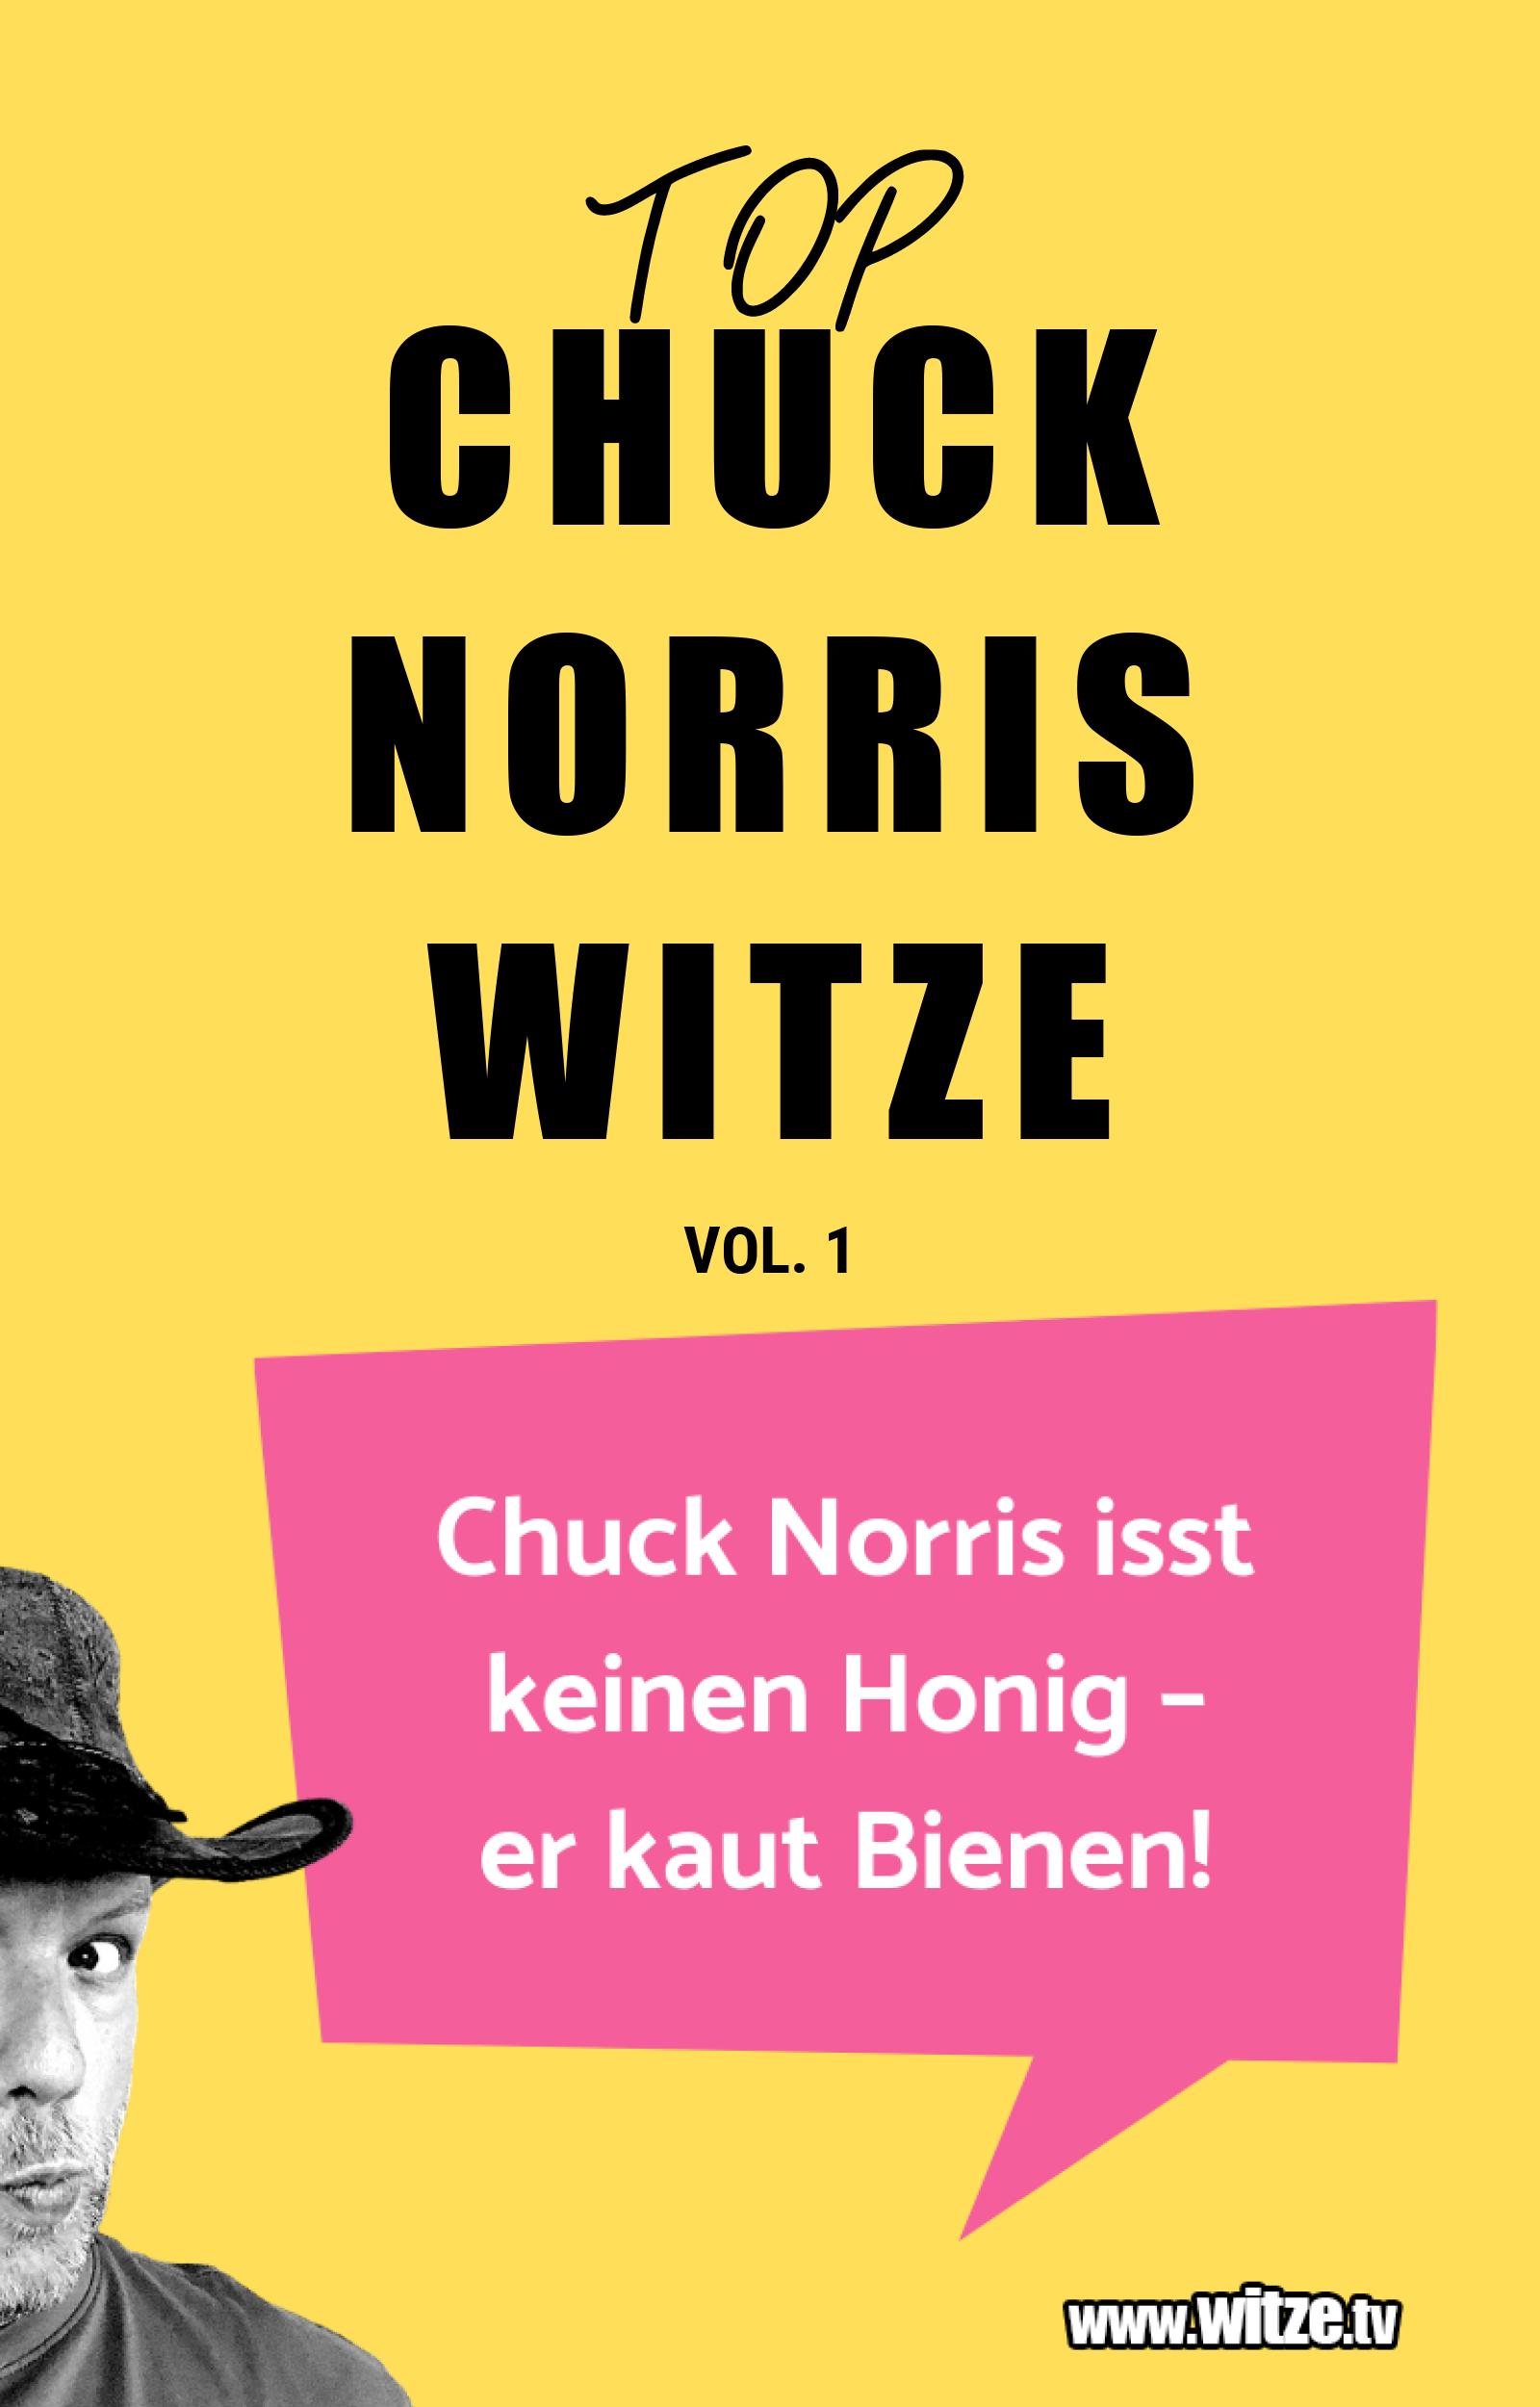 TOP Chuck Norris Witze Vol